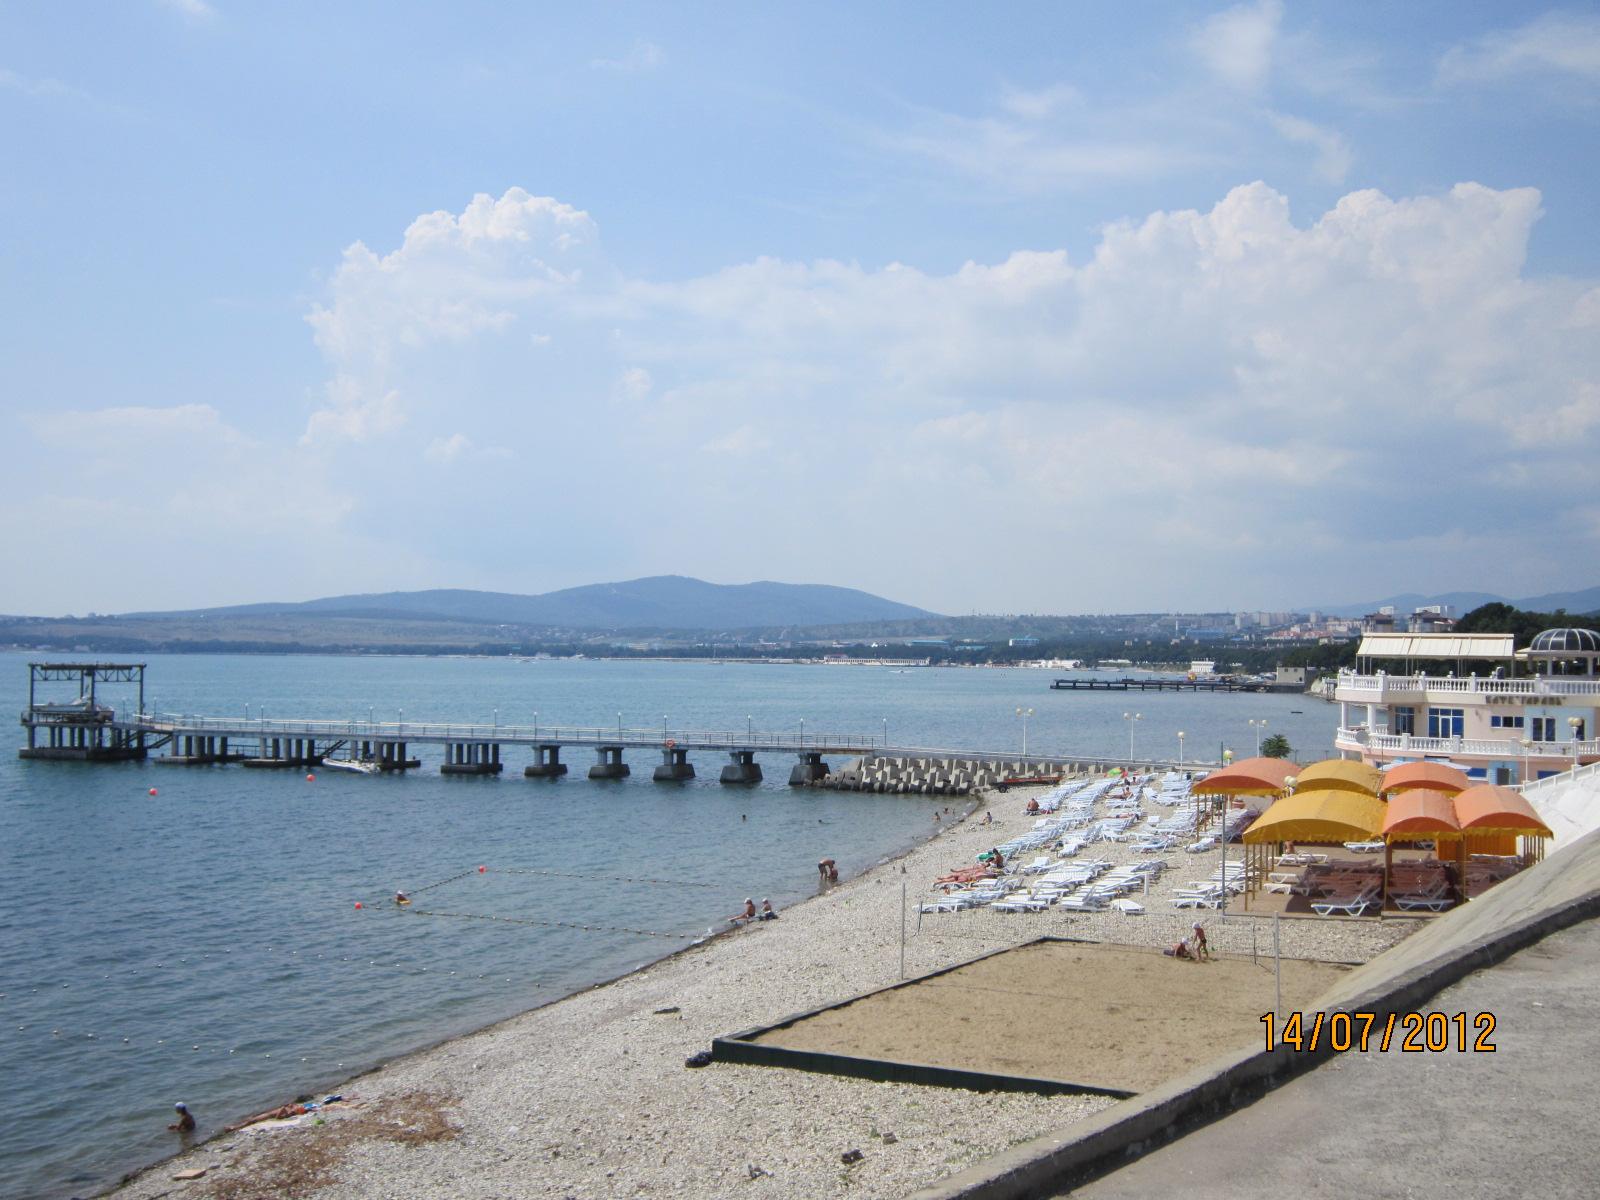 перечень сосновая роща геленджик пляж фото услугам отдыхающих двухэтажный